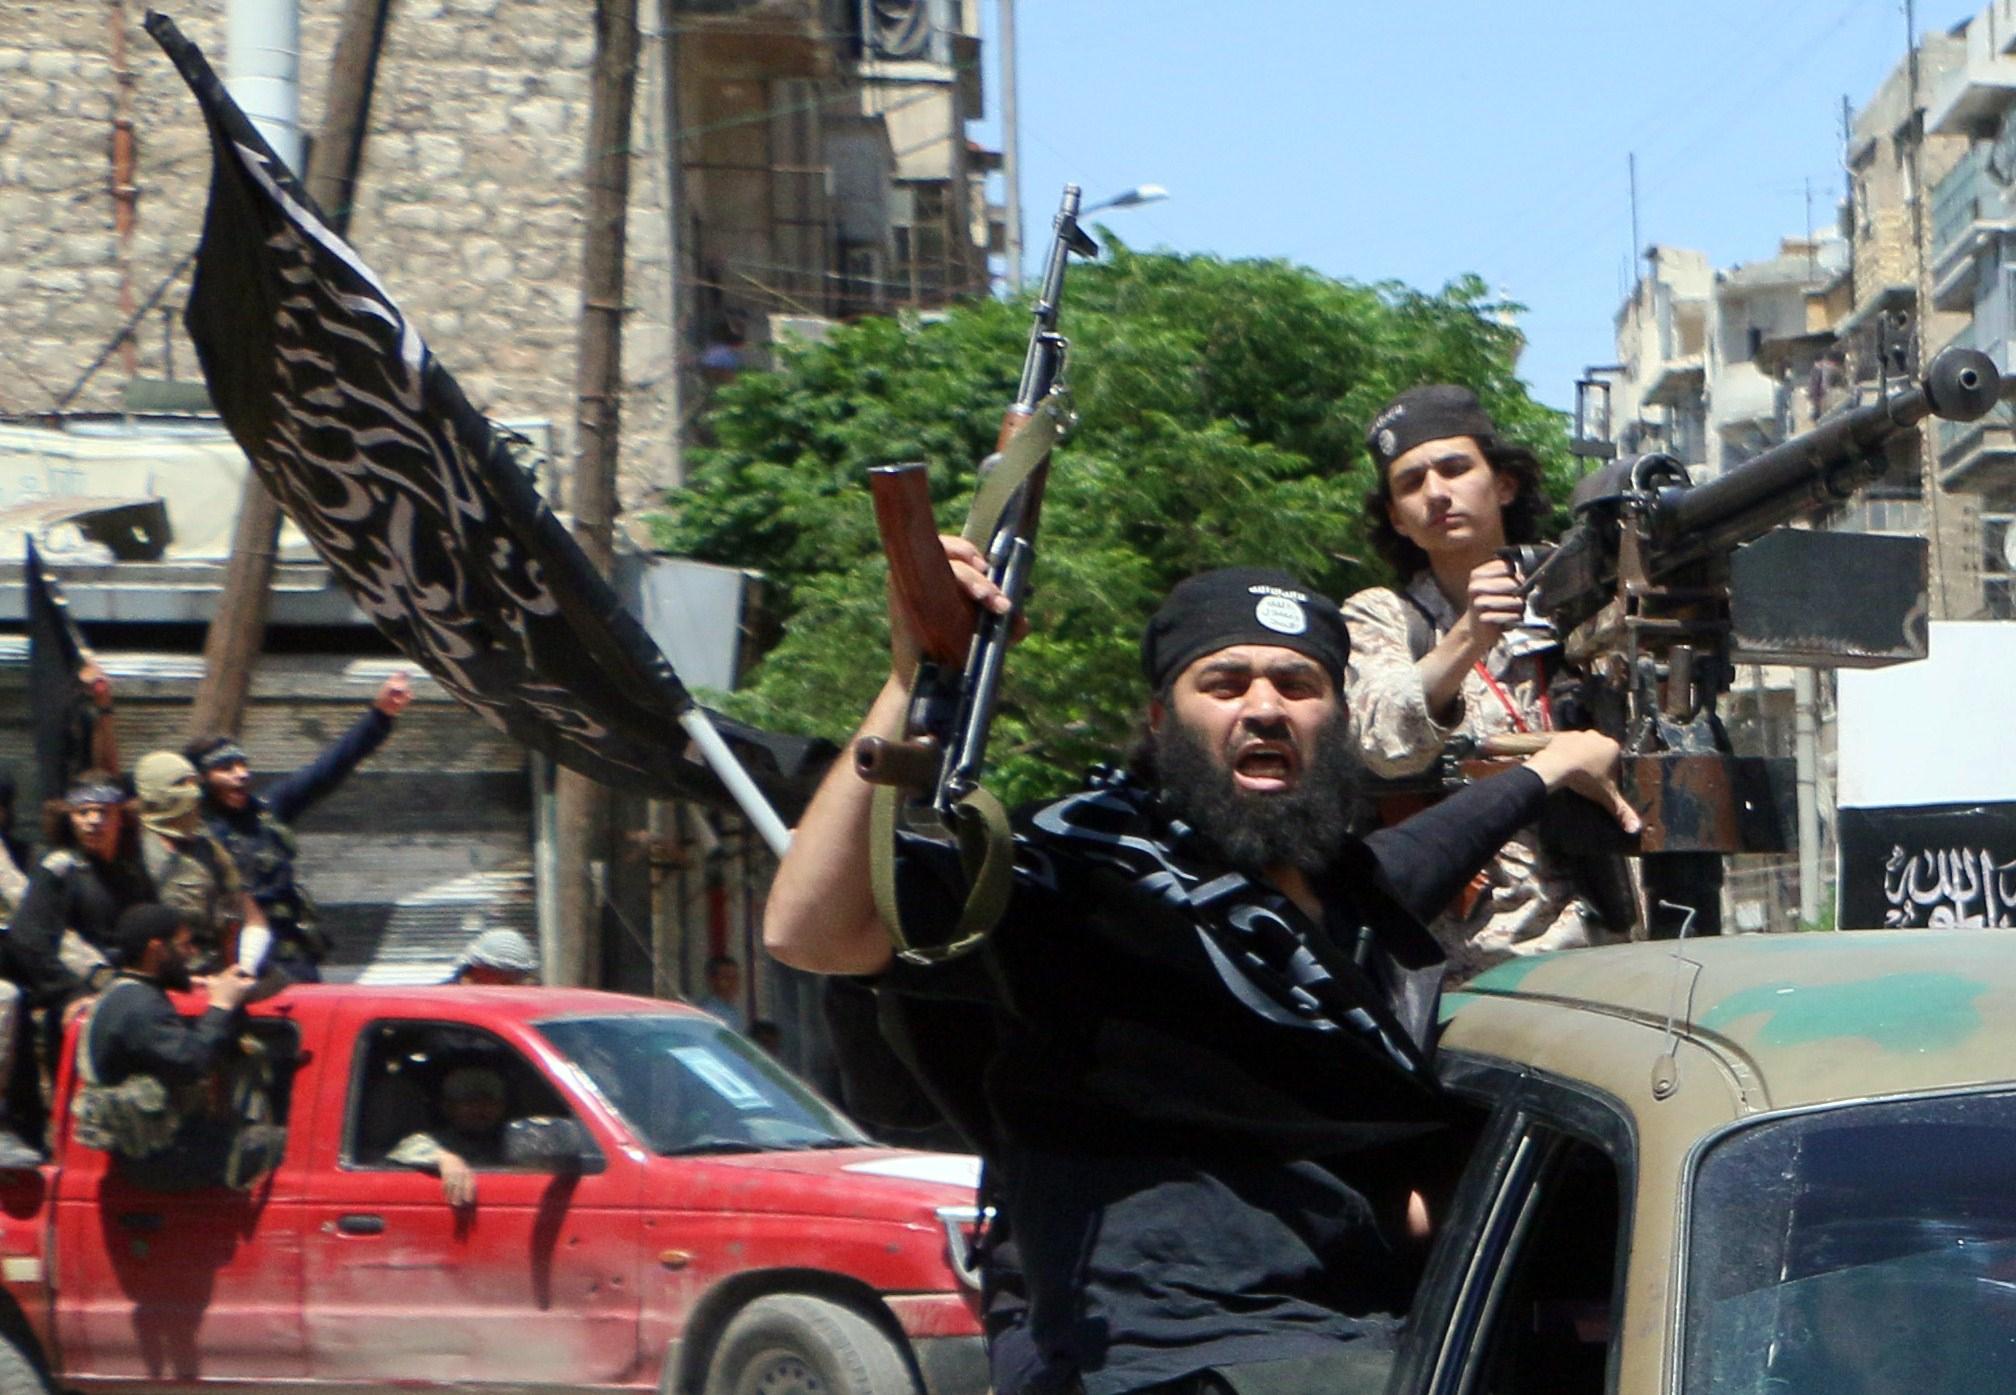 """Terror-Experte: IS hat """"weiche Ziele"""" im Visier – Karneval und Kindergärten gefährdet"""